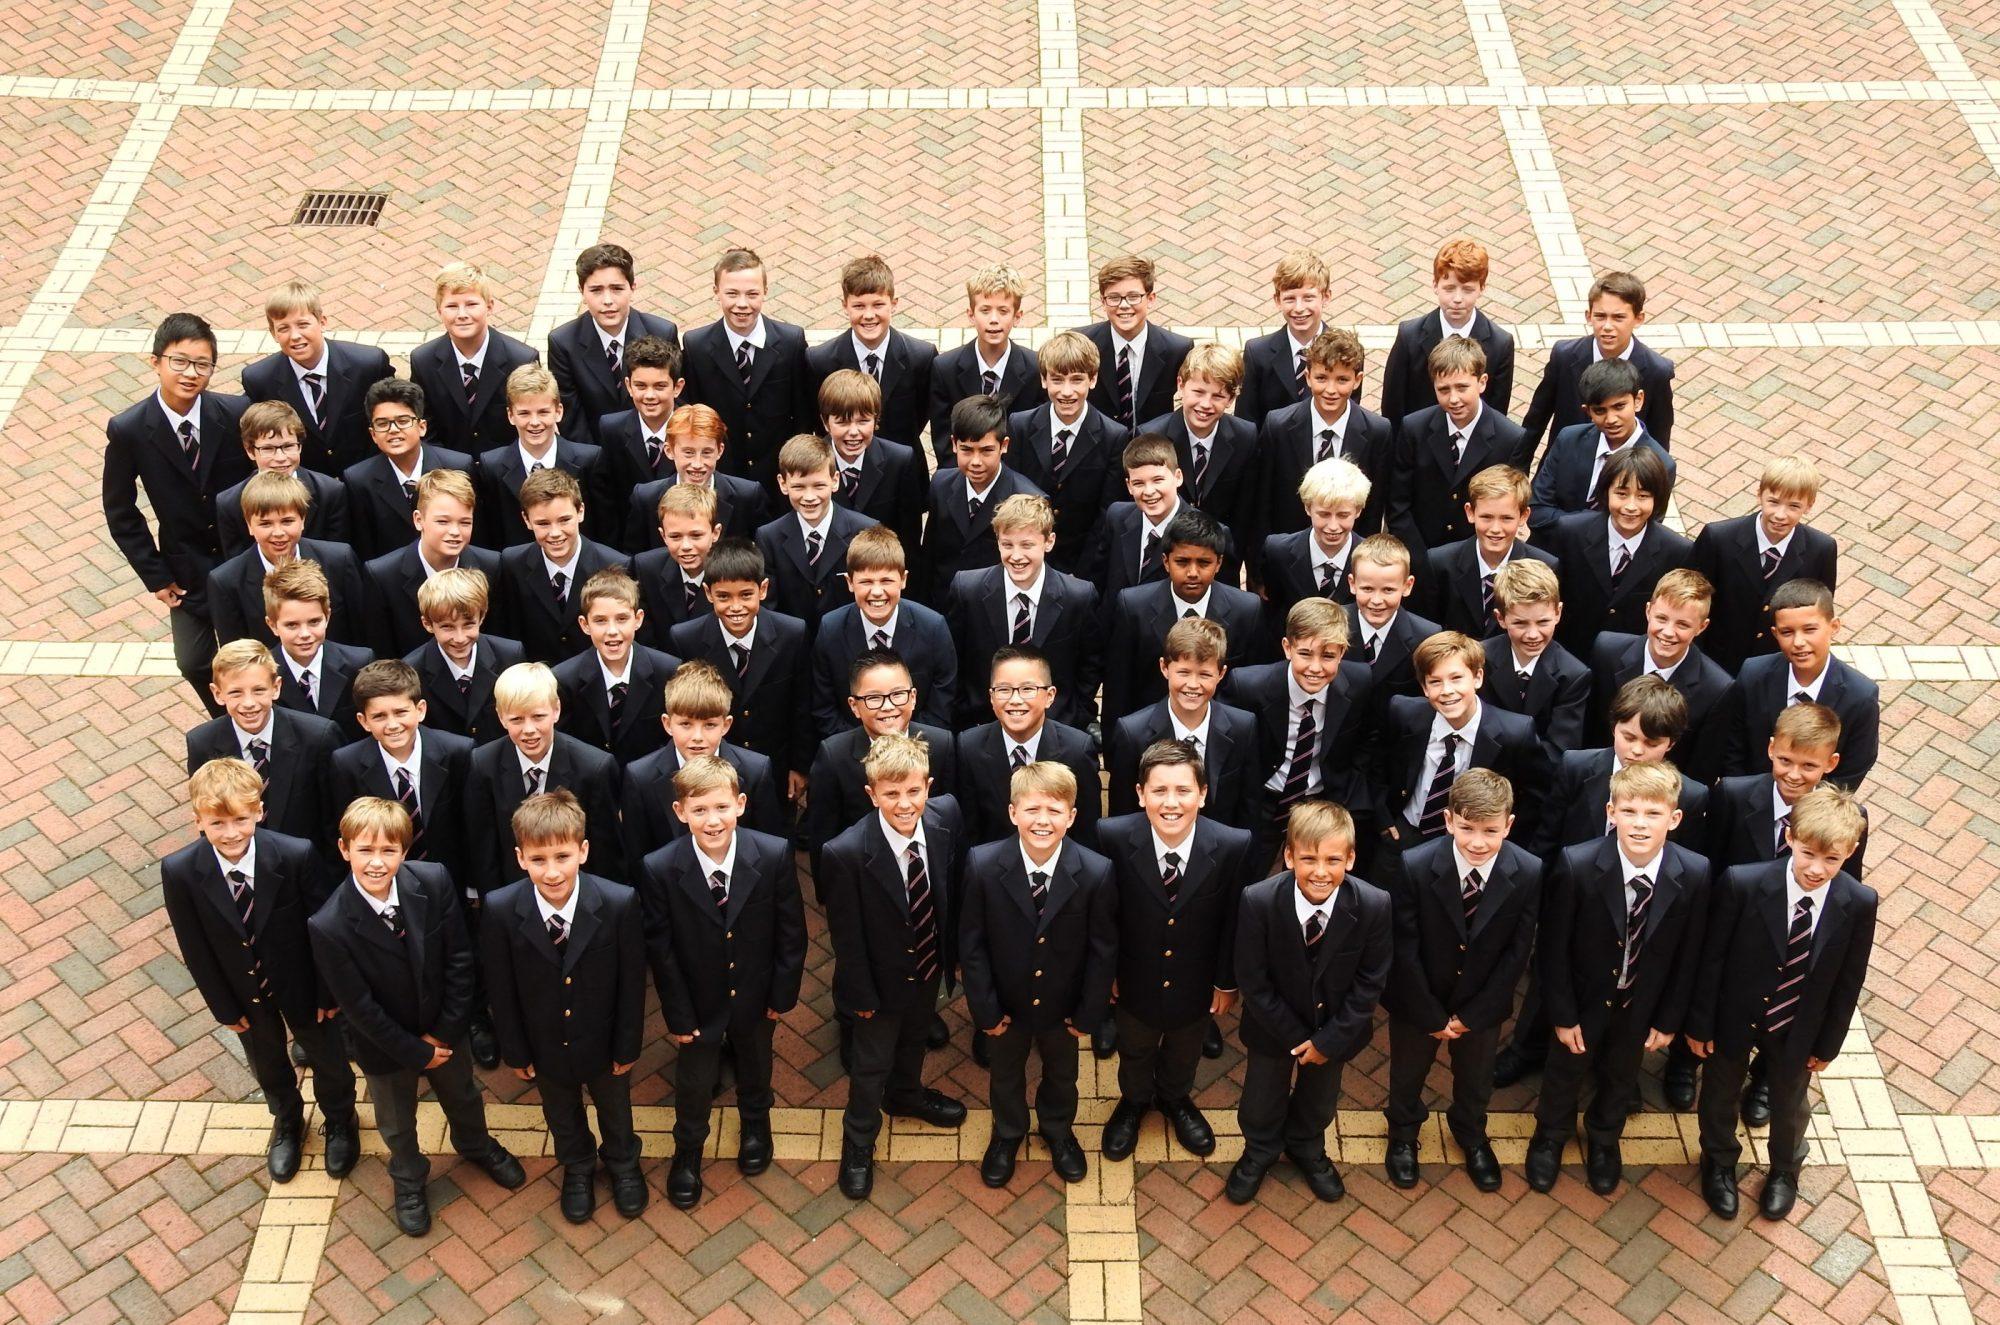 Abingdon School Lower School pupils